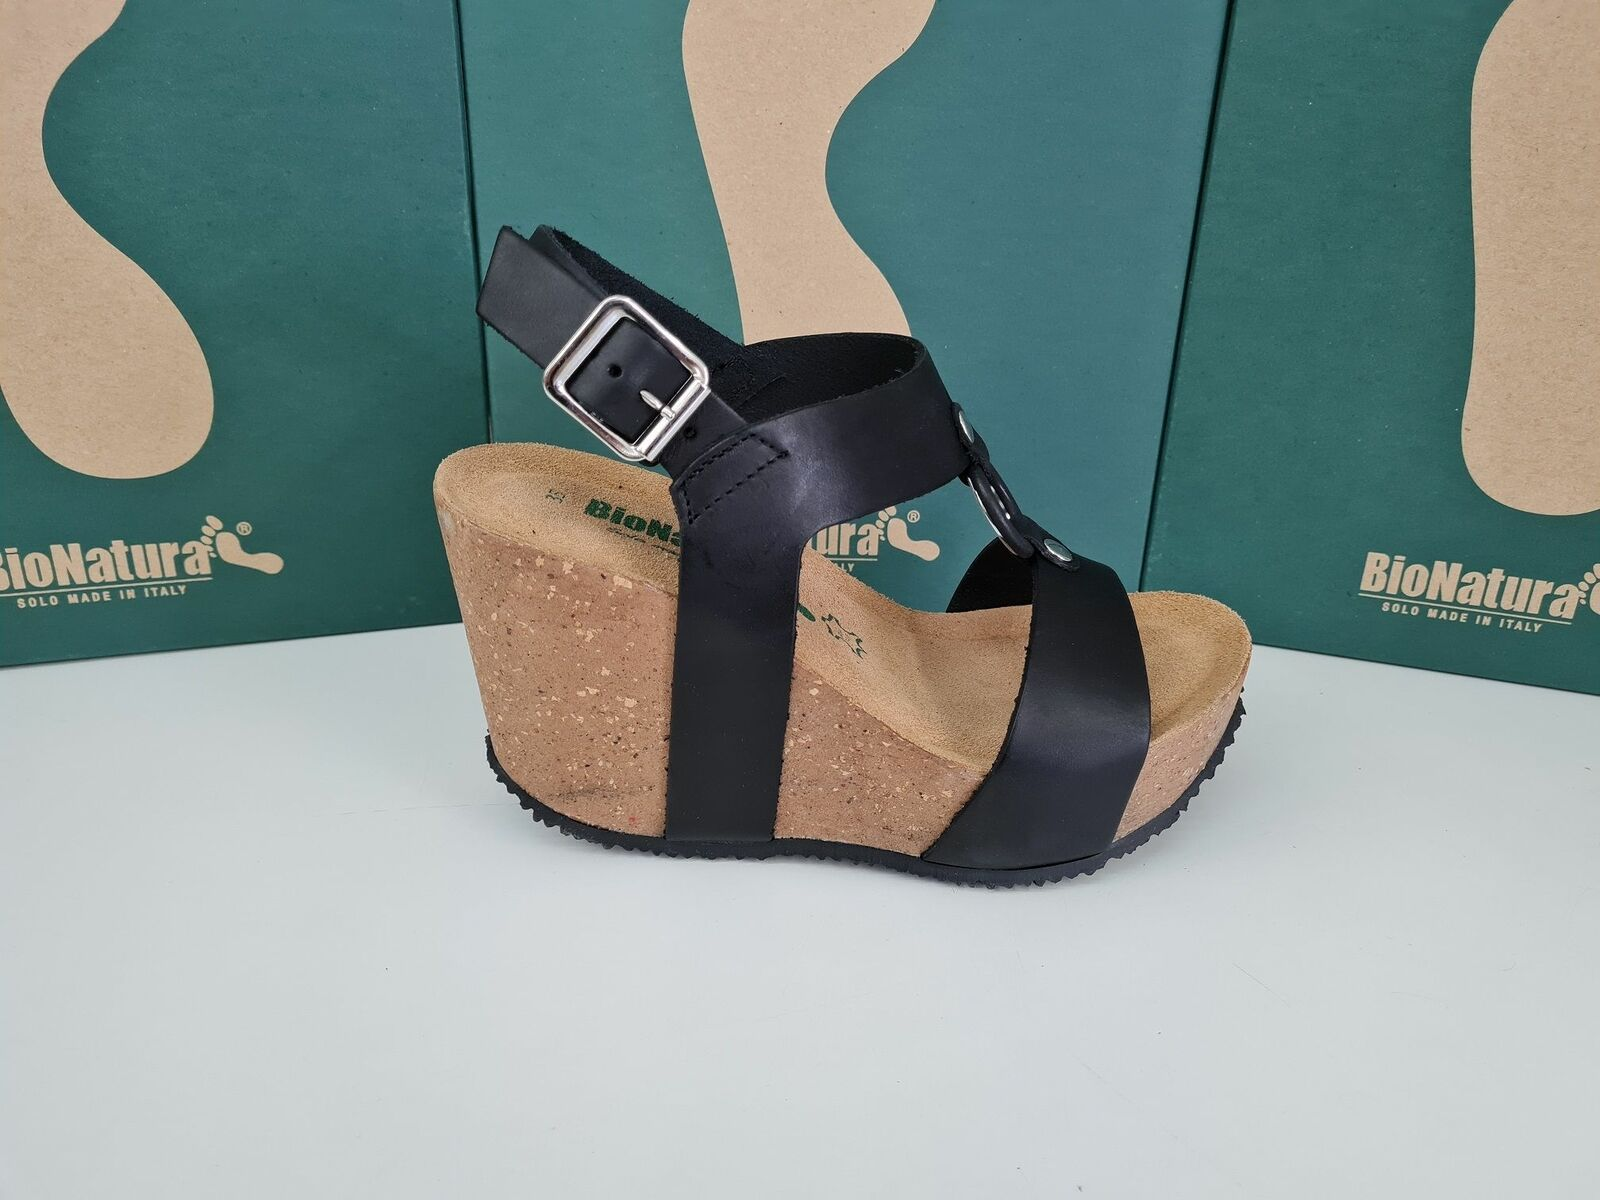 Bionatura Sandale C / Compensé Et Boucle, Femme - Art. 29A2180I-GOINER (Noir)